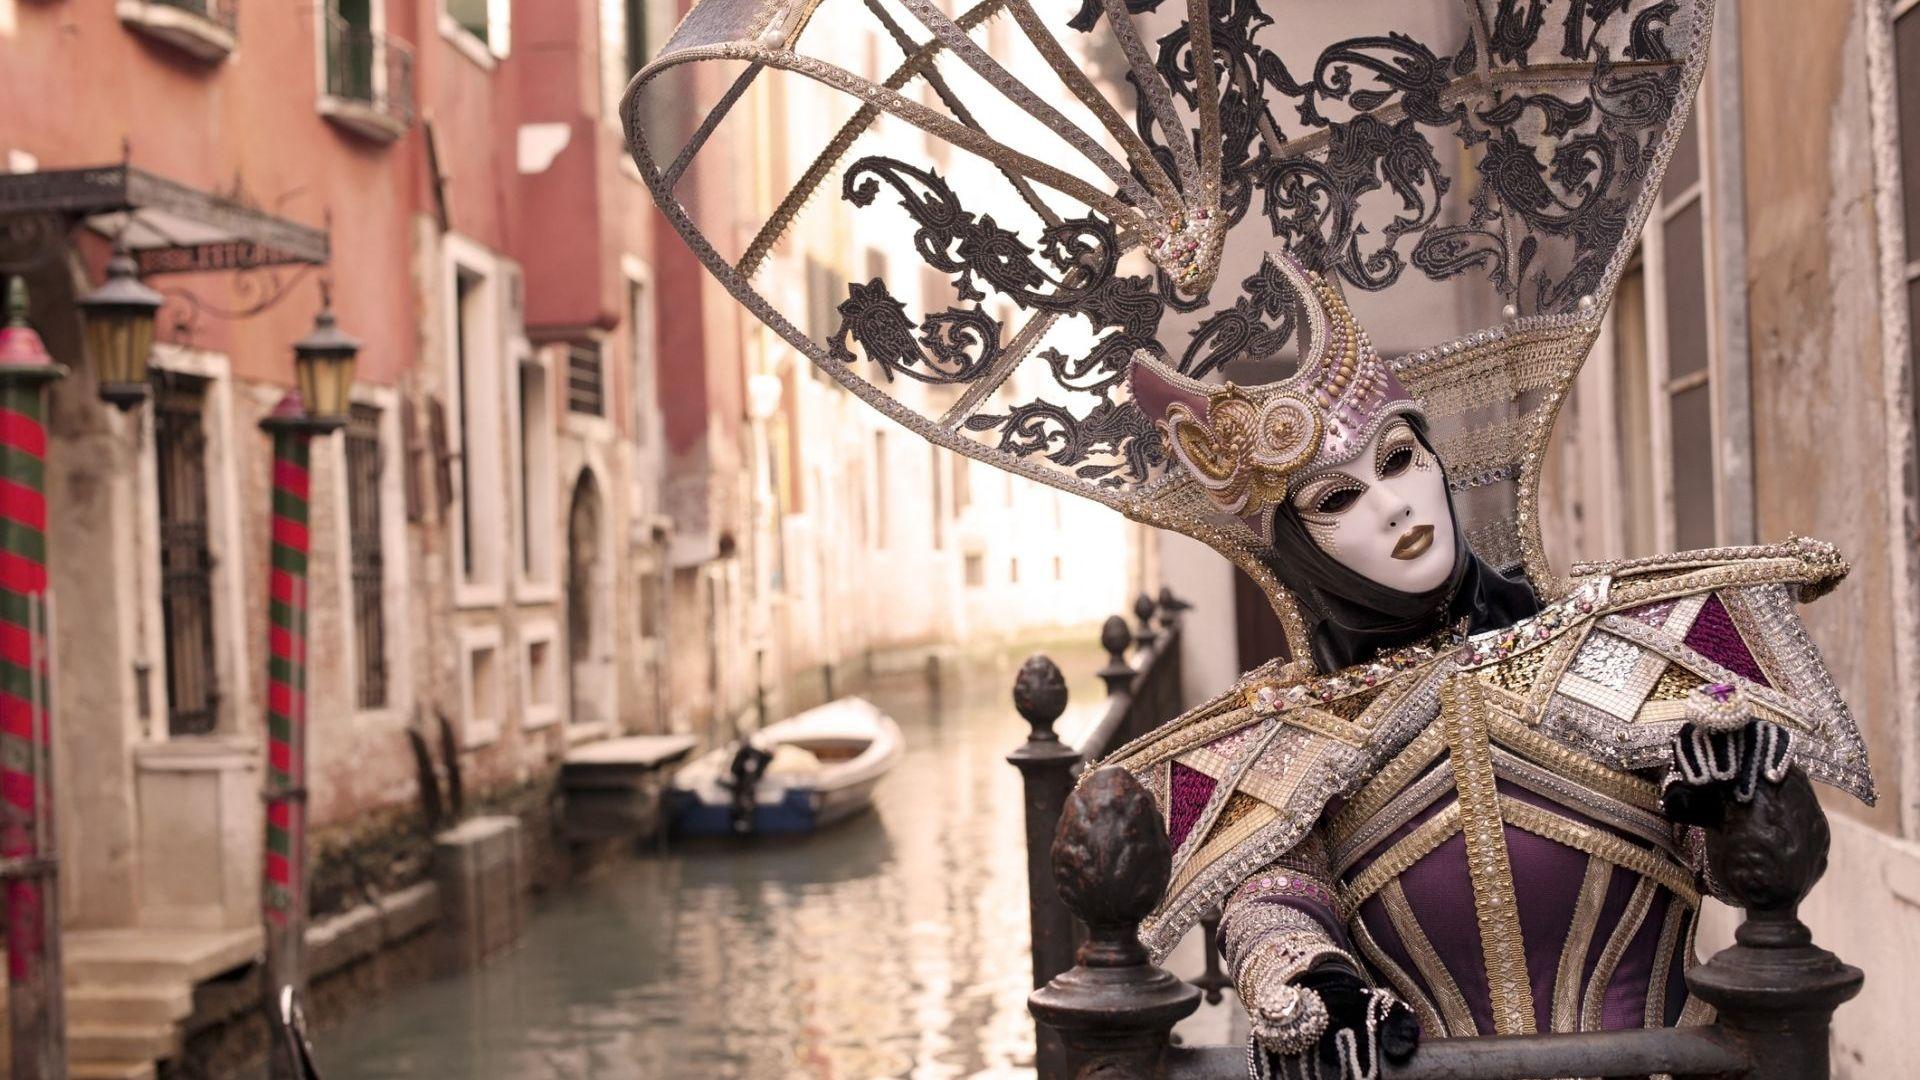 Във Венеция липсва карнавалното настроение: гондолите са закотвени, а улиците - зловещо пусти